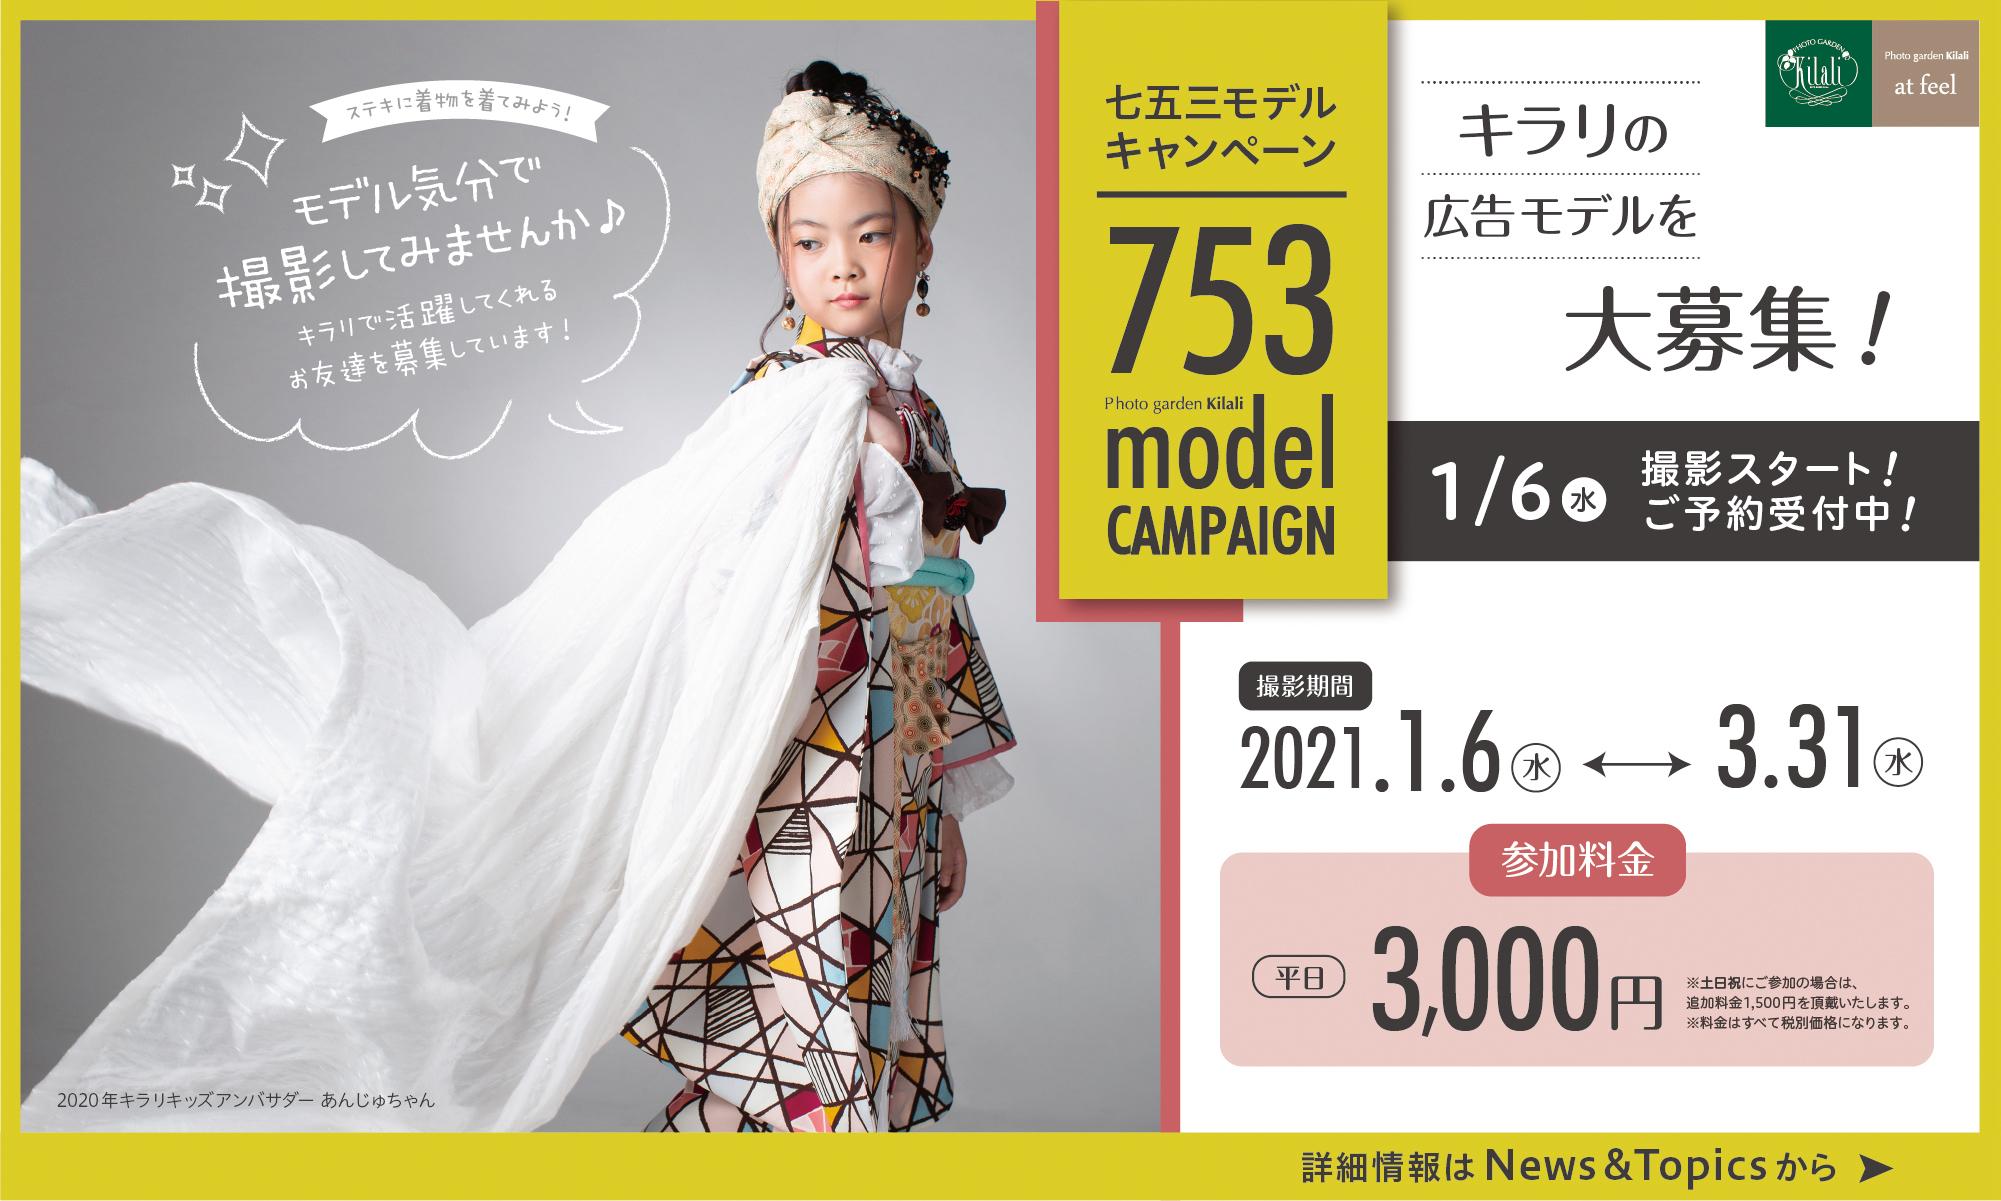 七五三モデル